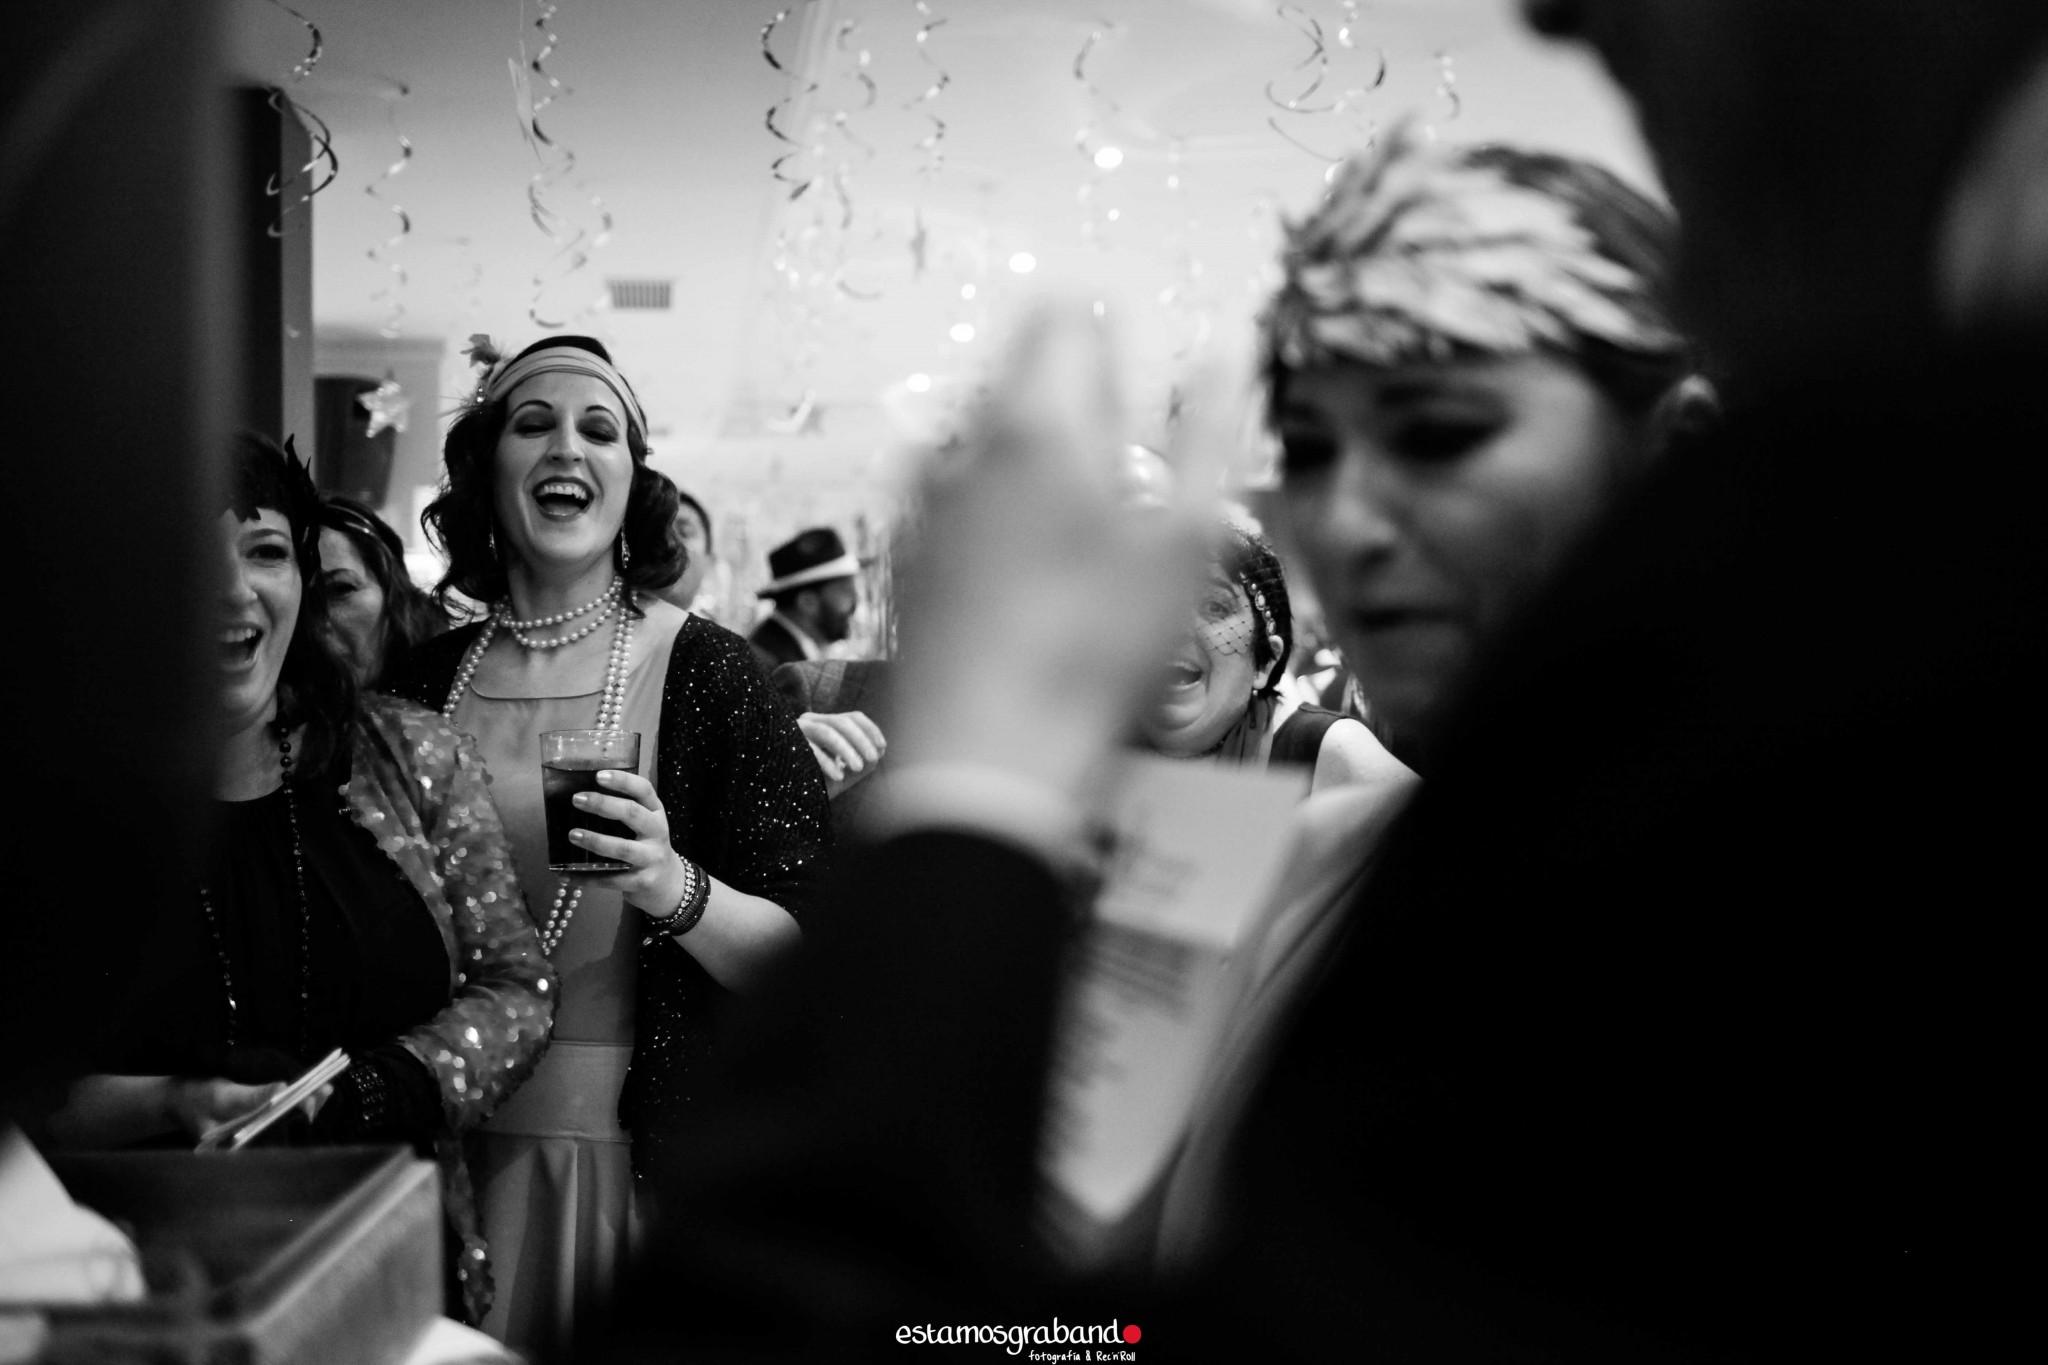 Fali-Bea-71-de-78 Fiesta Años 20 [La Teta de Julieta, Cádiz] - video boda cadiz